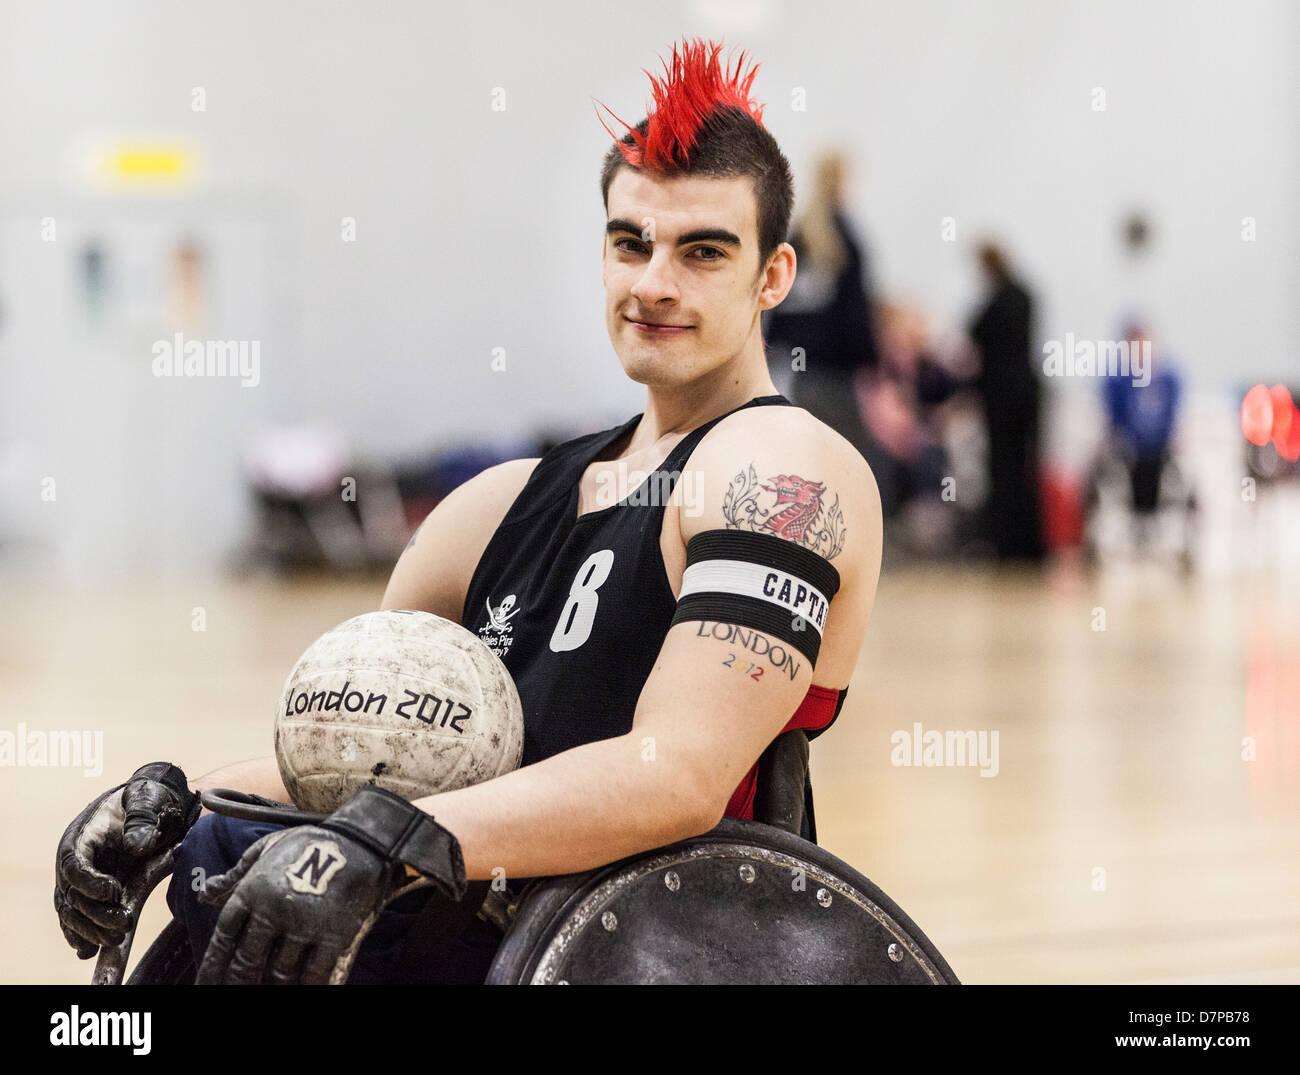 David Anthony GBWR, joueur de rugby en fauteuil roulant aux Jeux paralympiques, l'équipe Go, Londres 2012 Photo Stock